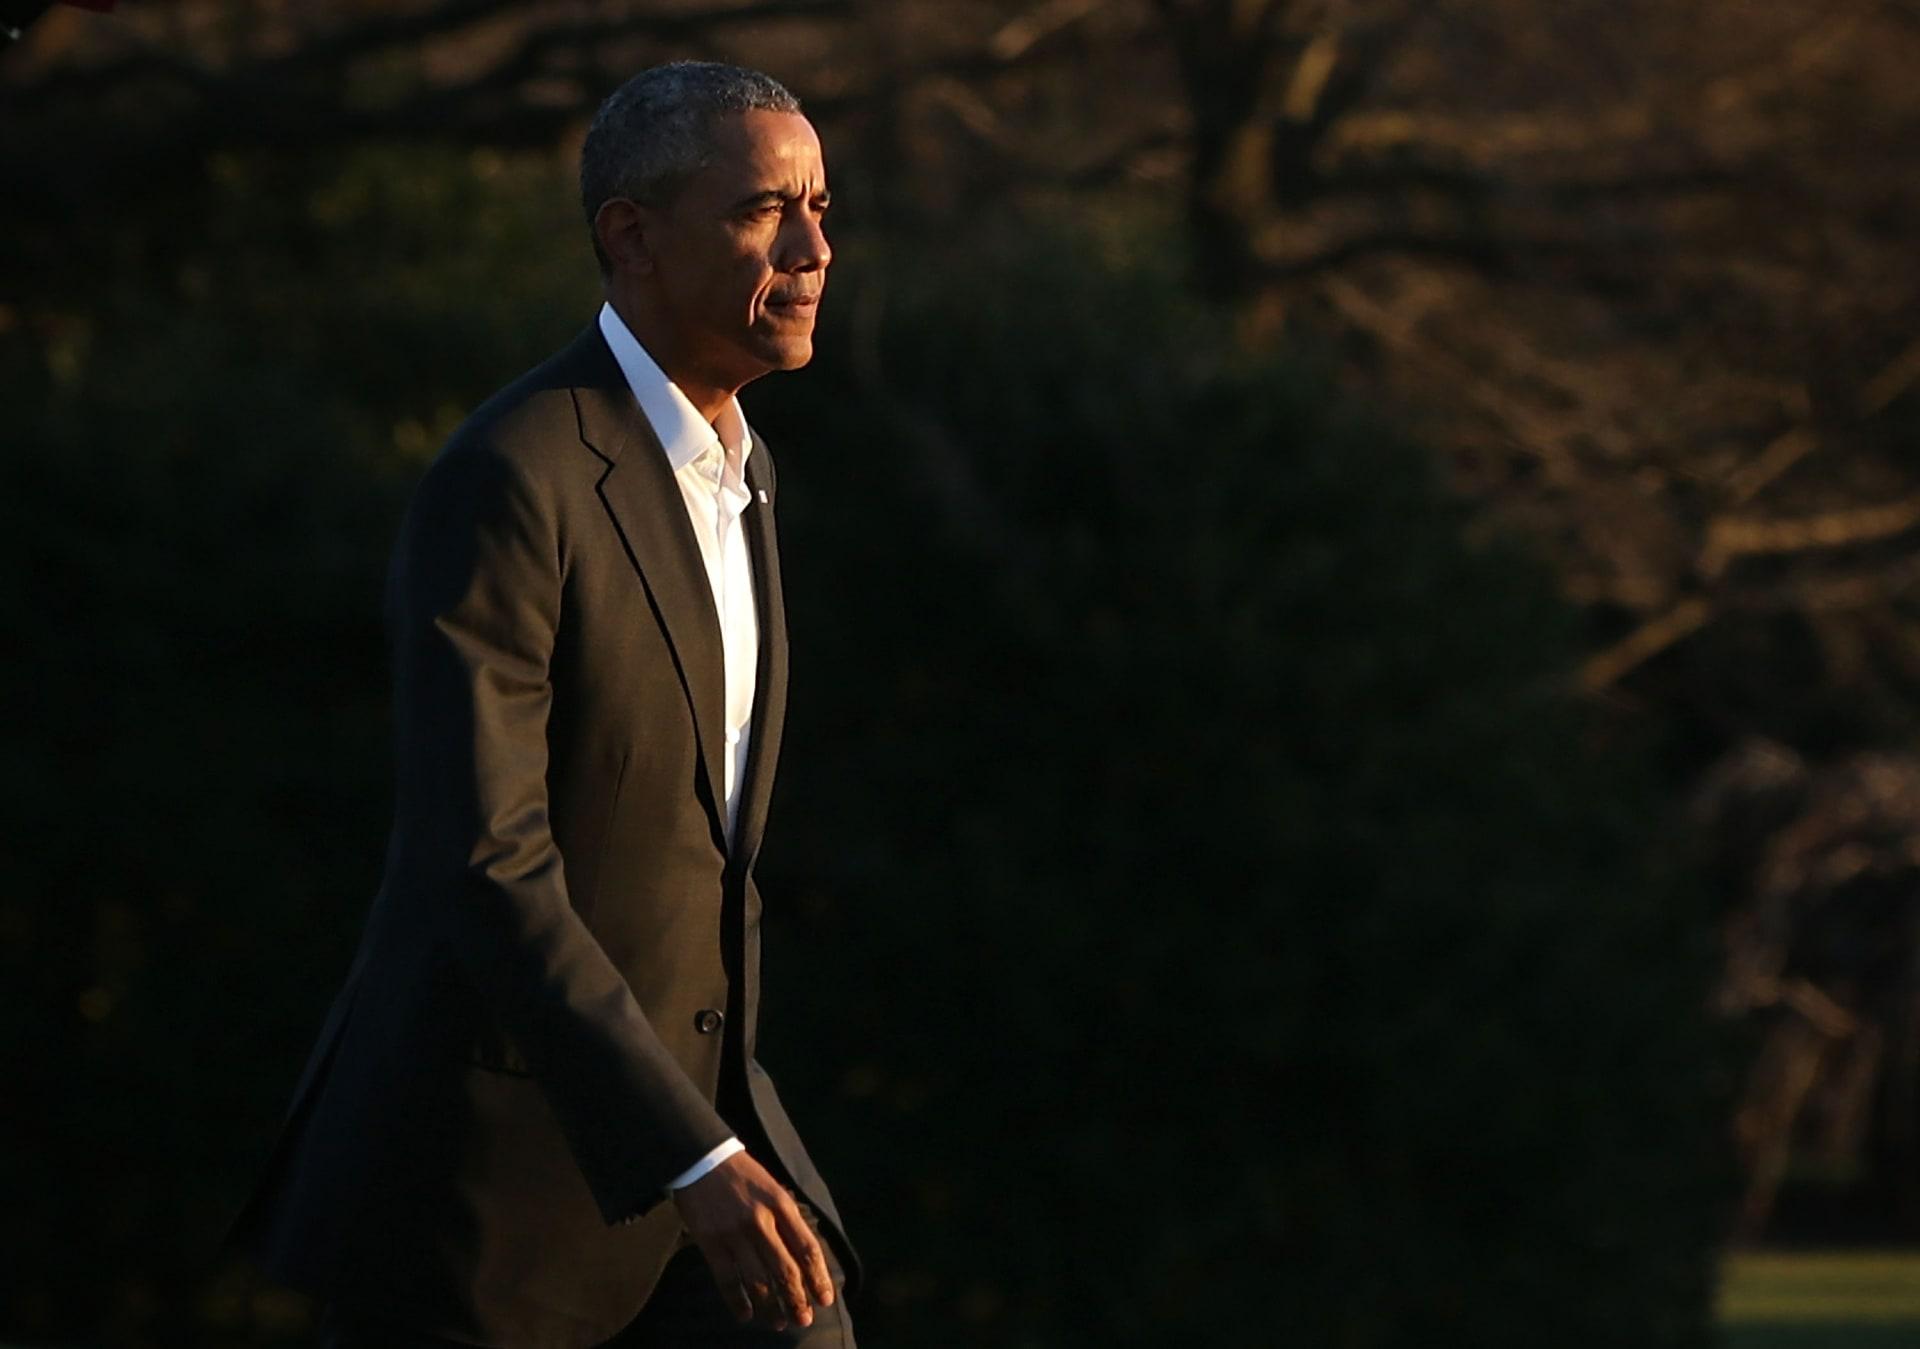 ماذا يحمل الرئيس الأمريكي باراك أوباما في جيبه؟